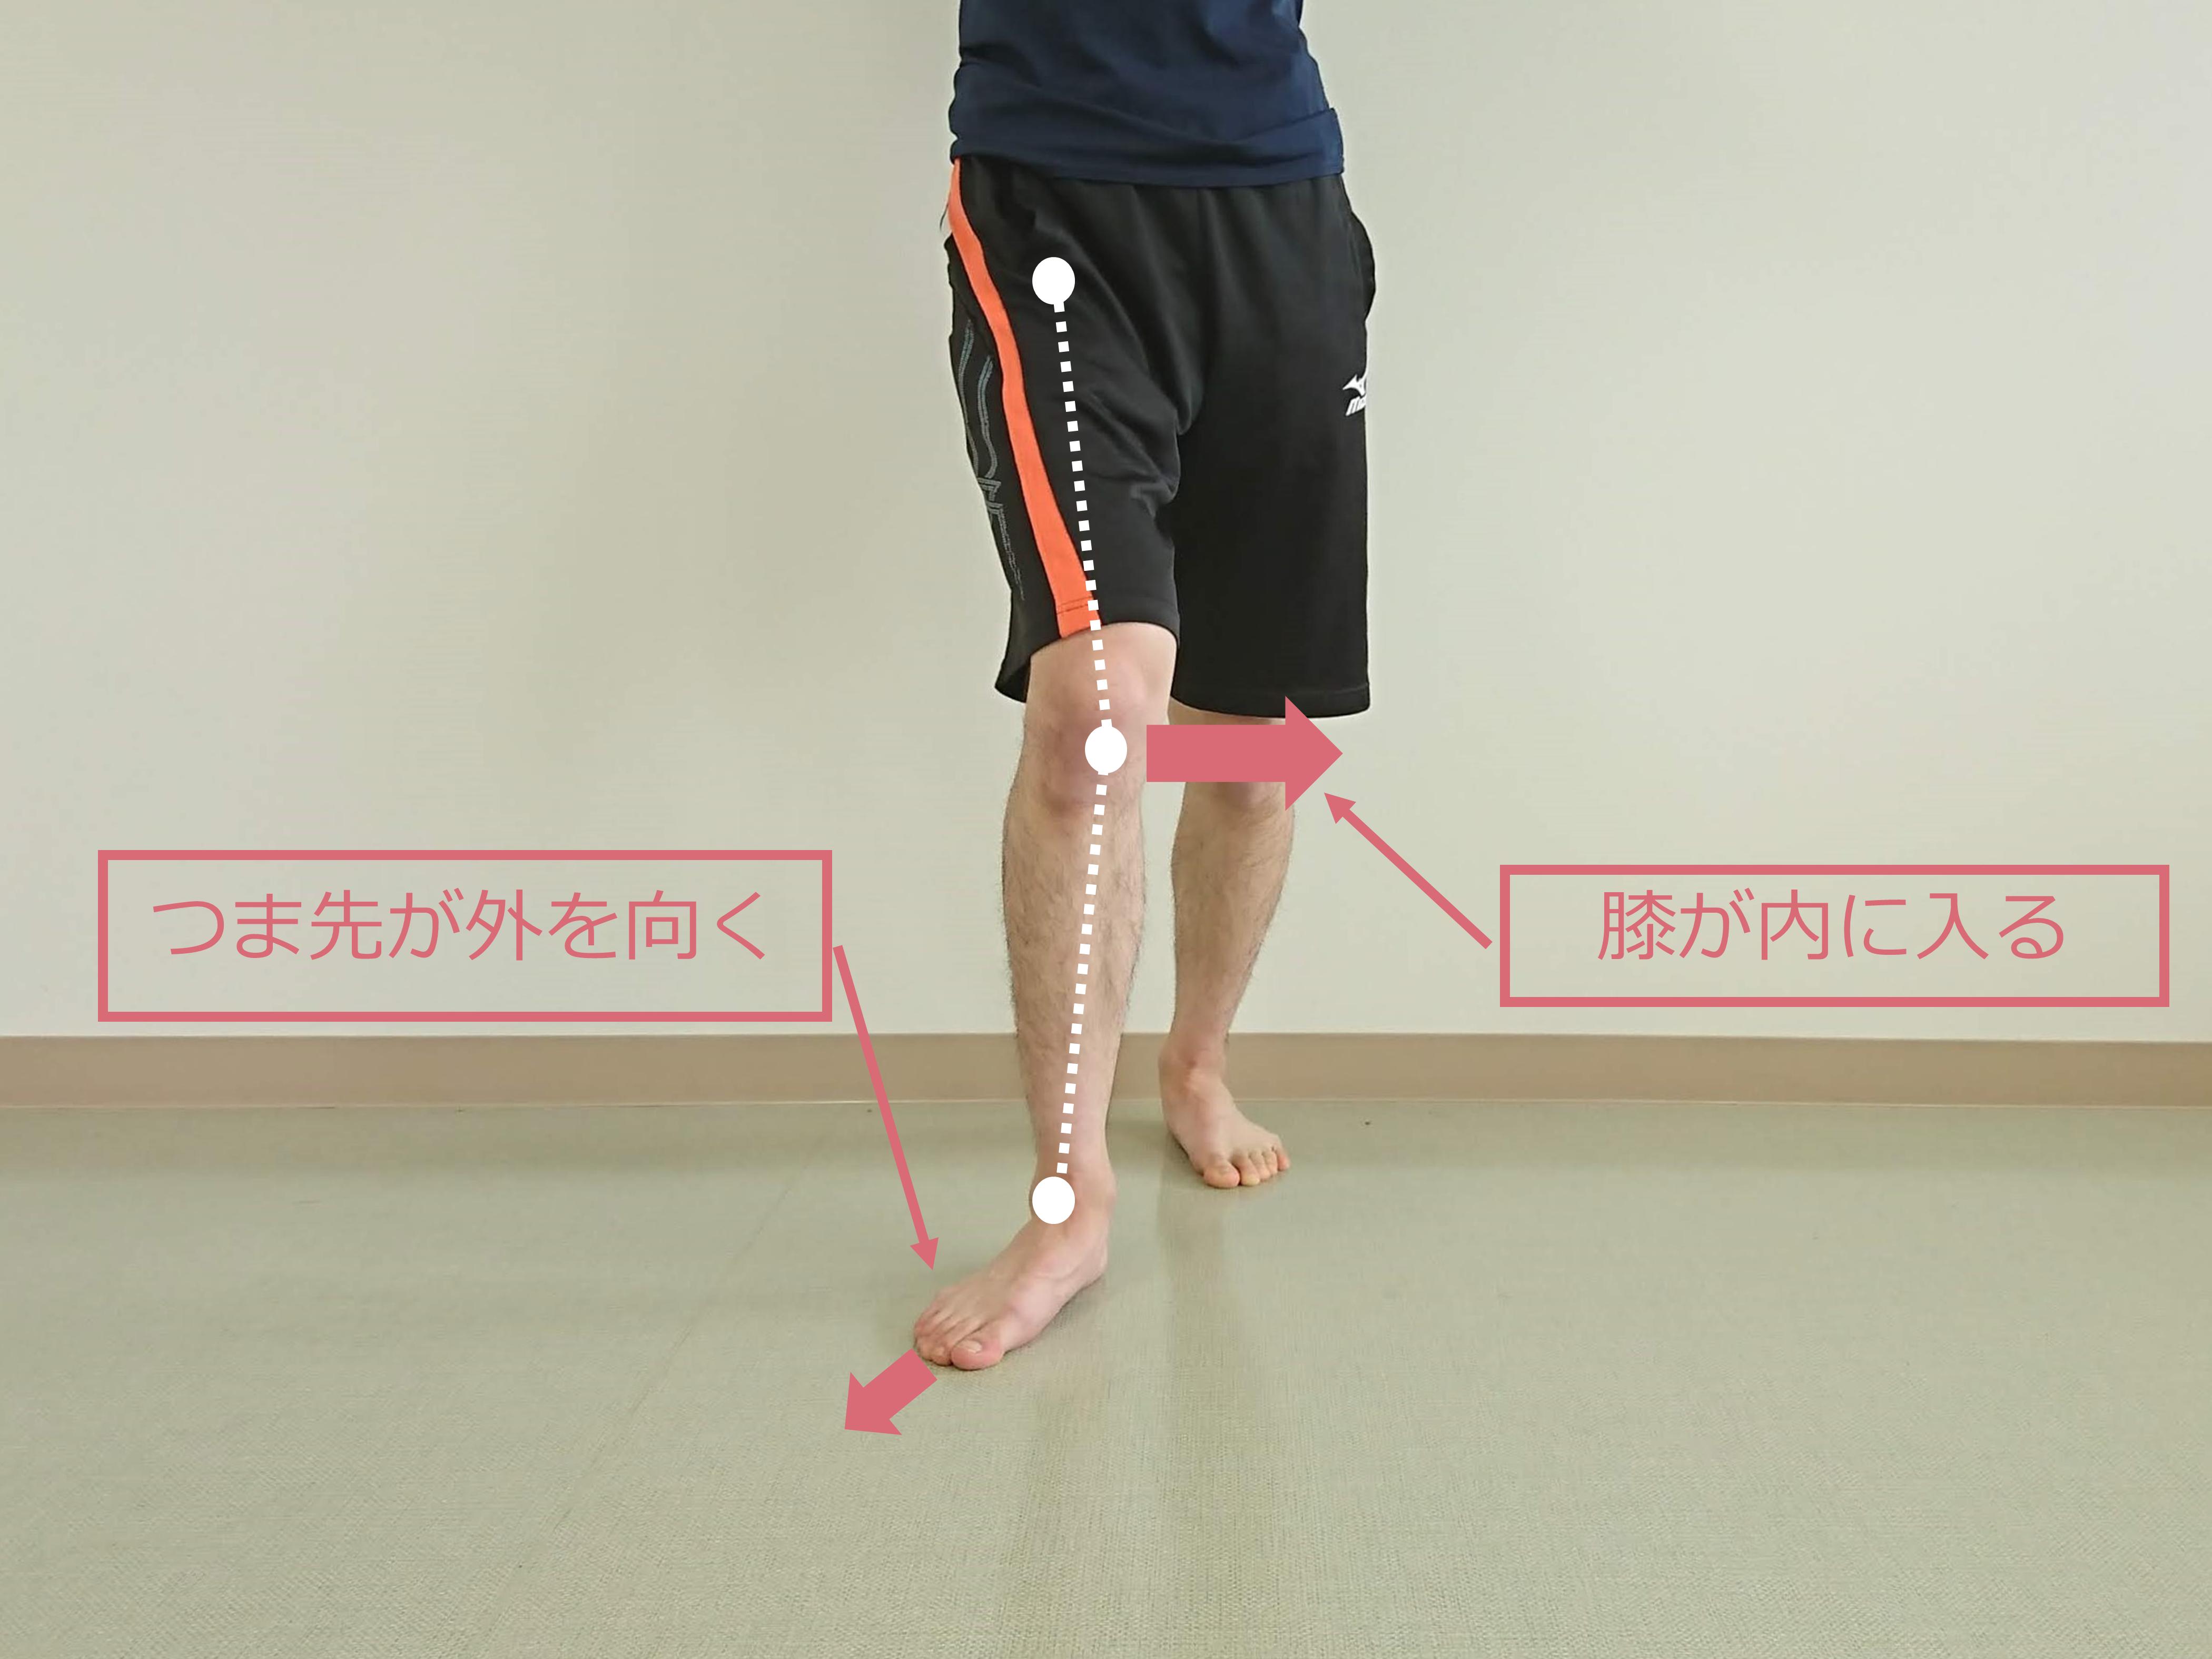 ニーイン・トゥアウト|Knee-in&Toe-out